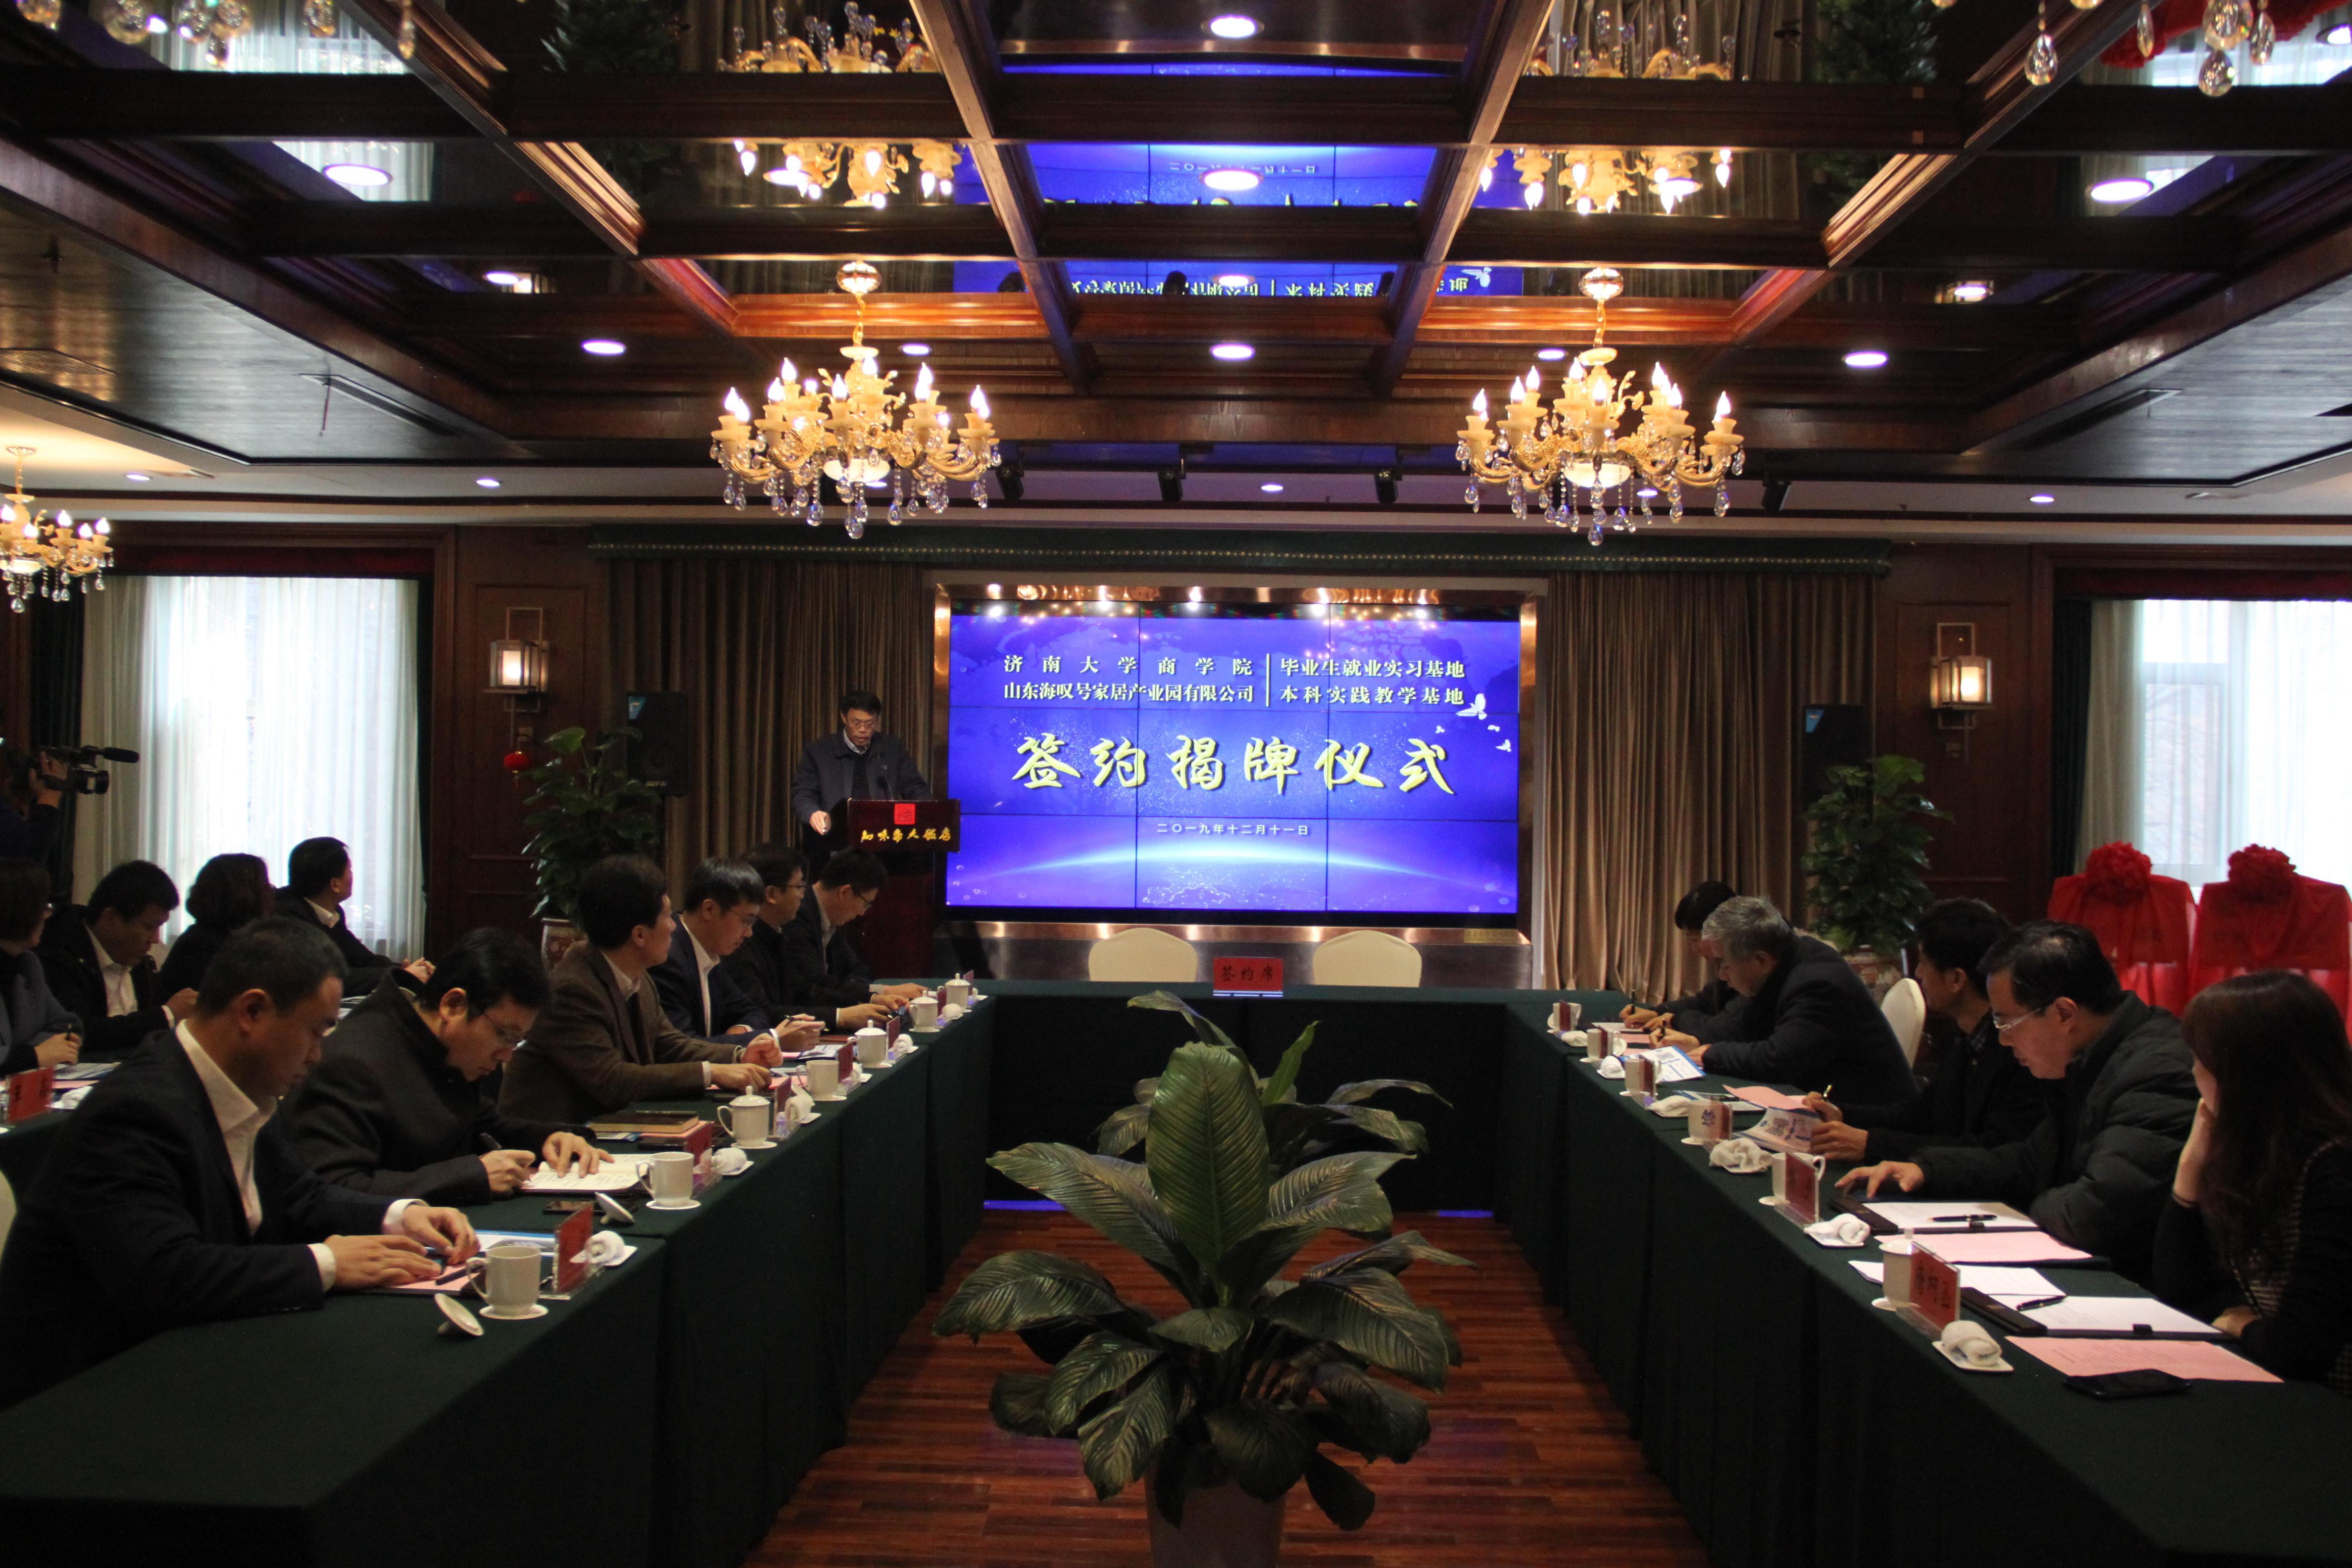 电竞外围商学院与山东海叹号家居产业园举行签约揭牌仪式